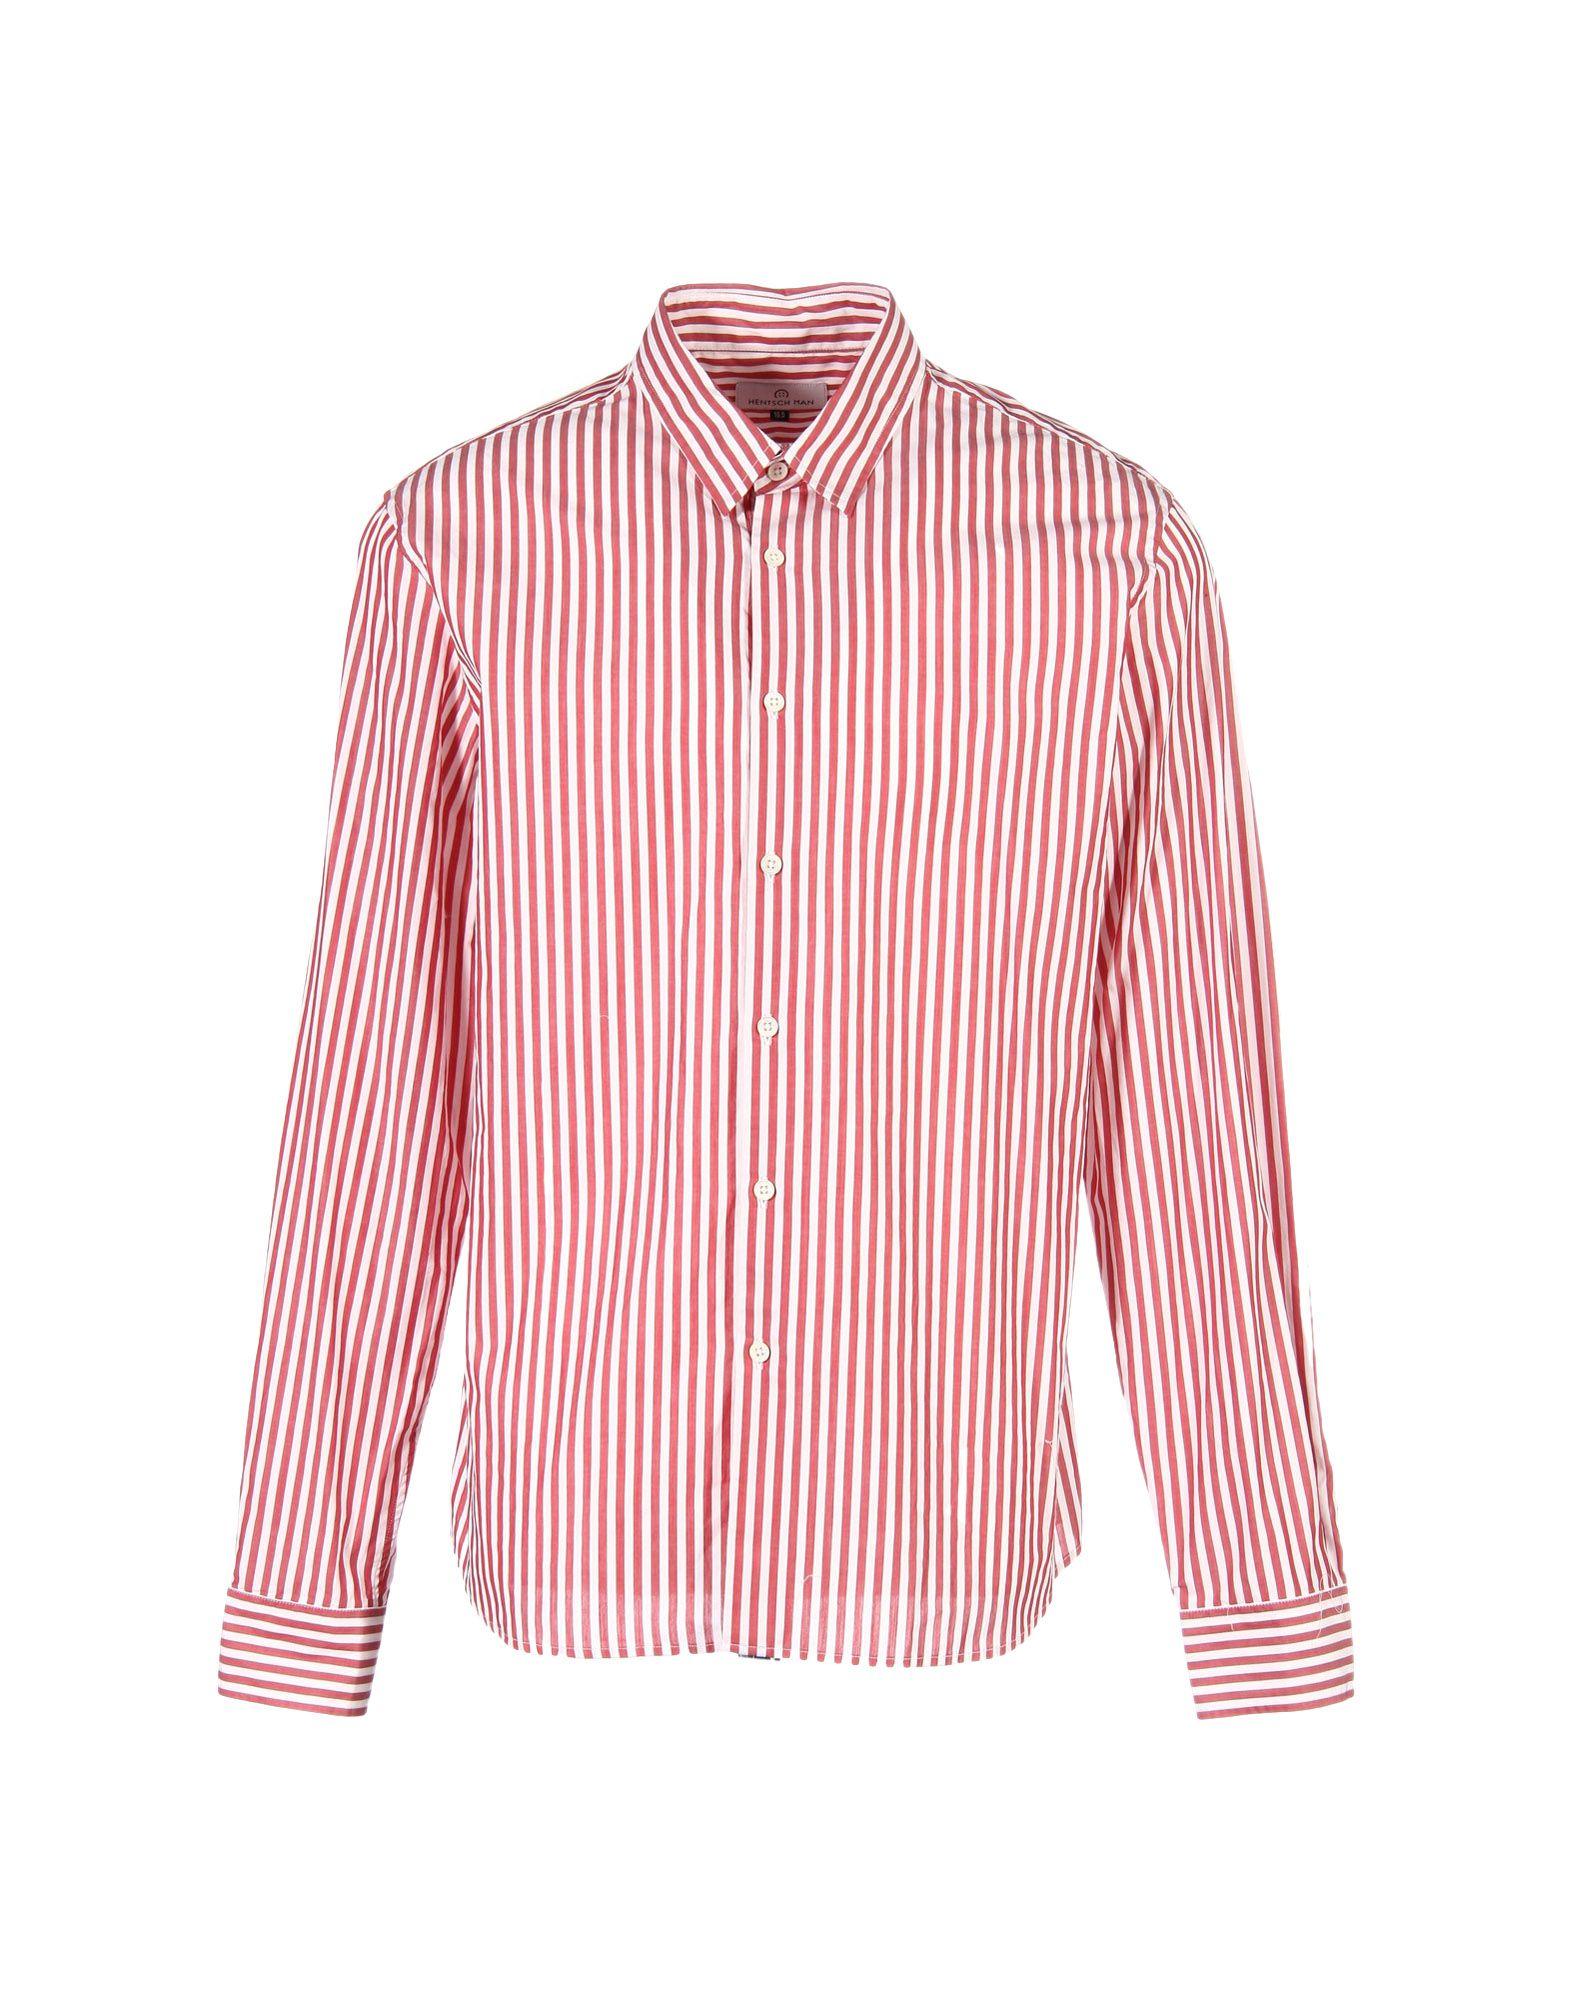 HENTSCH MAN Shirts in Red